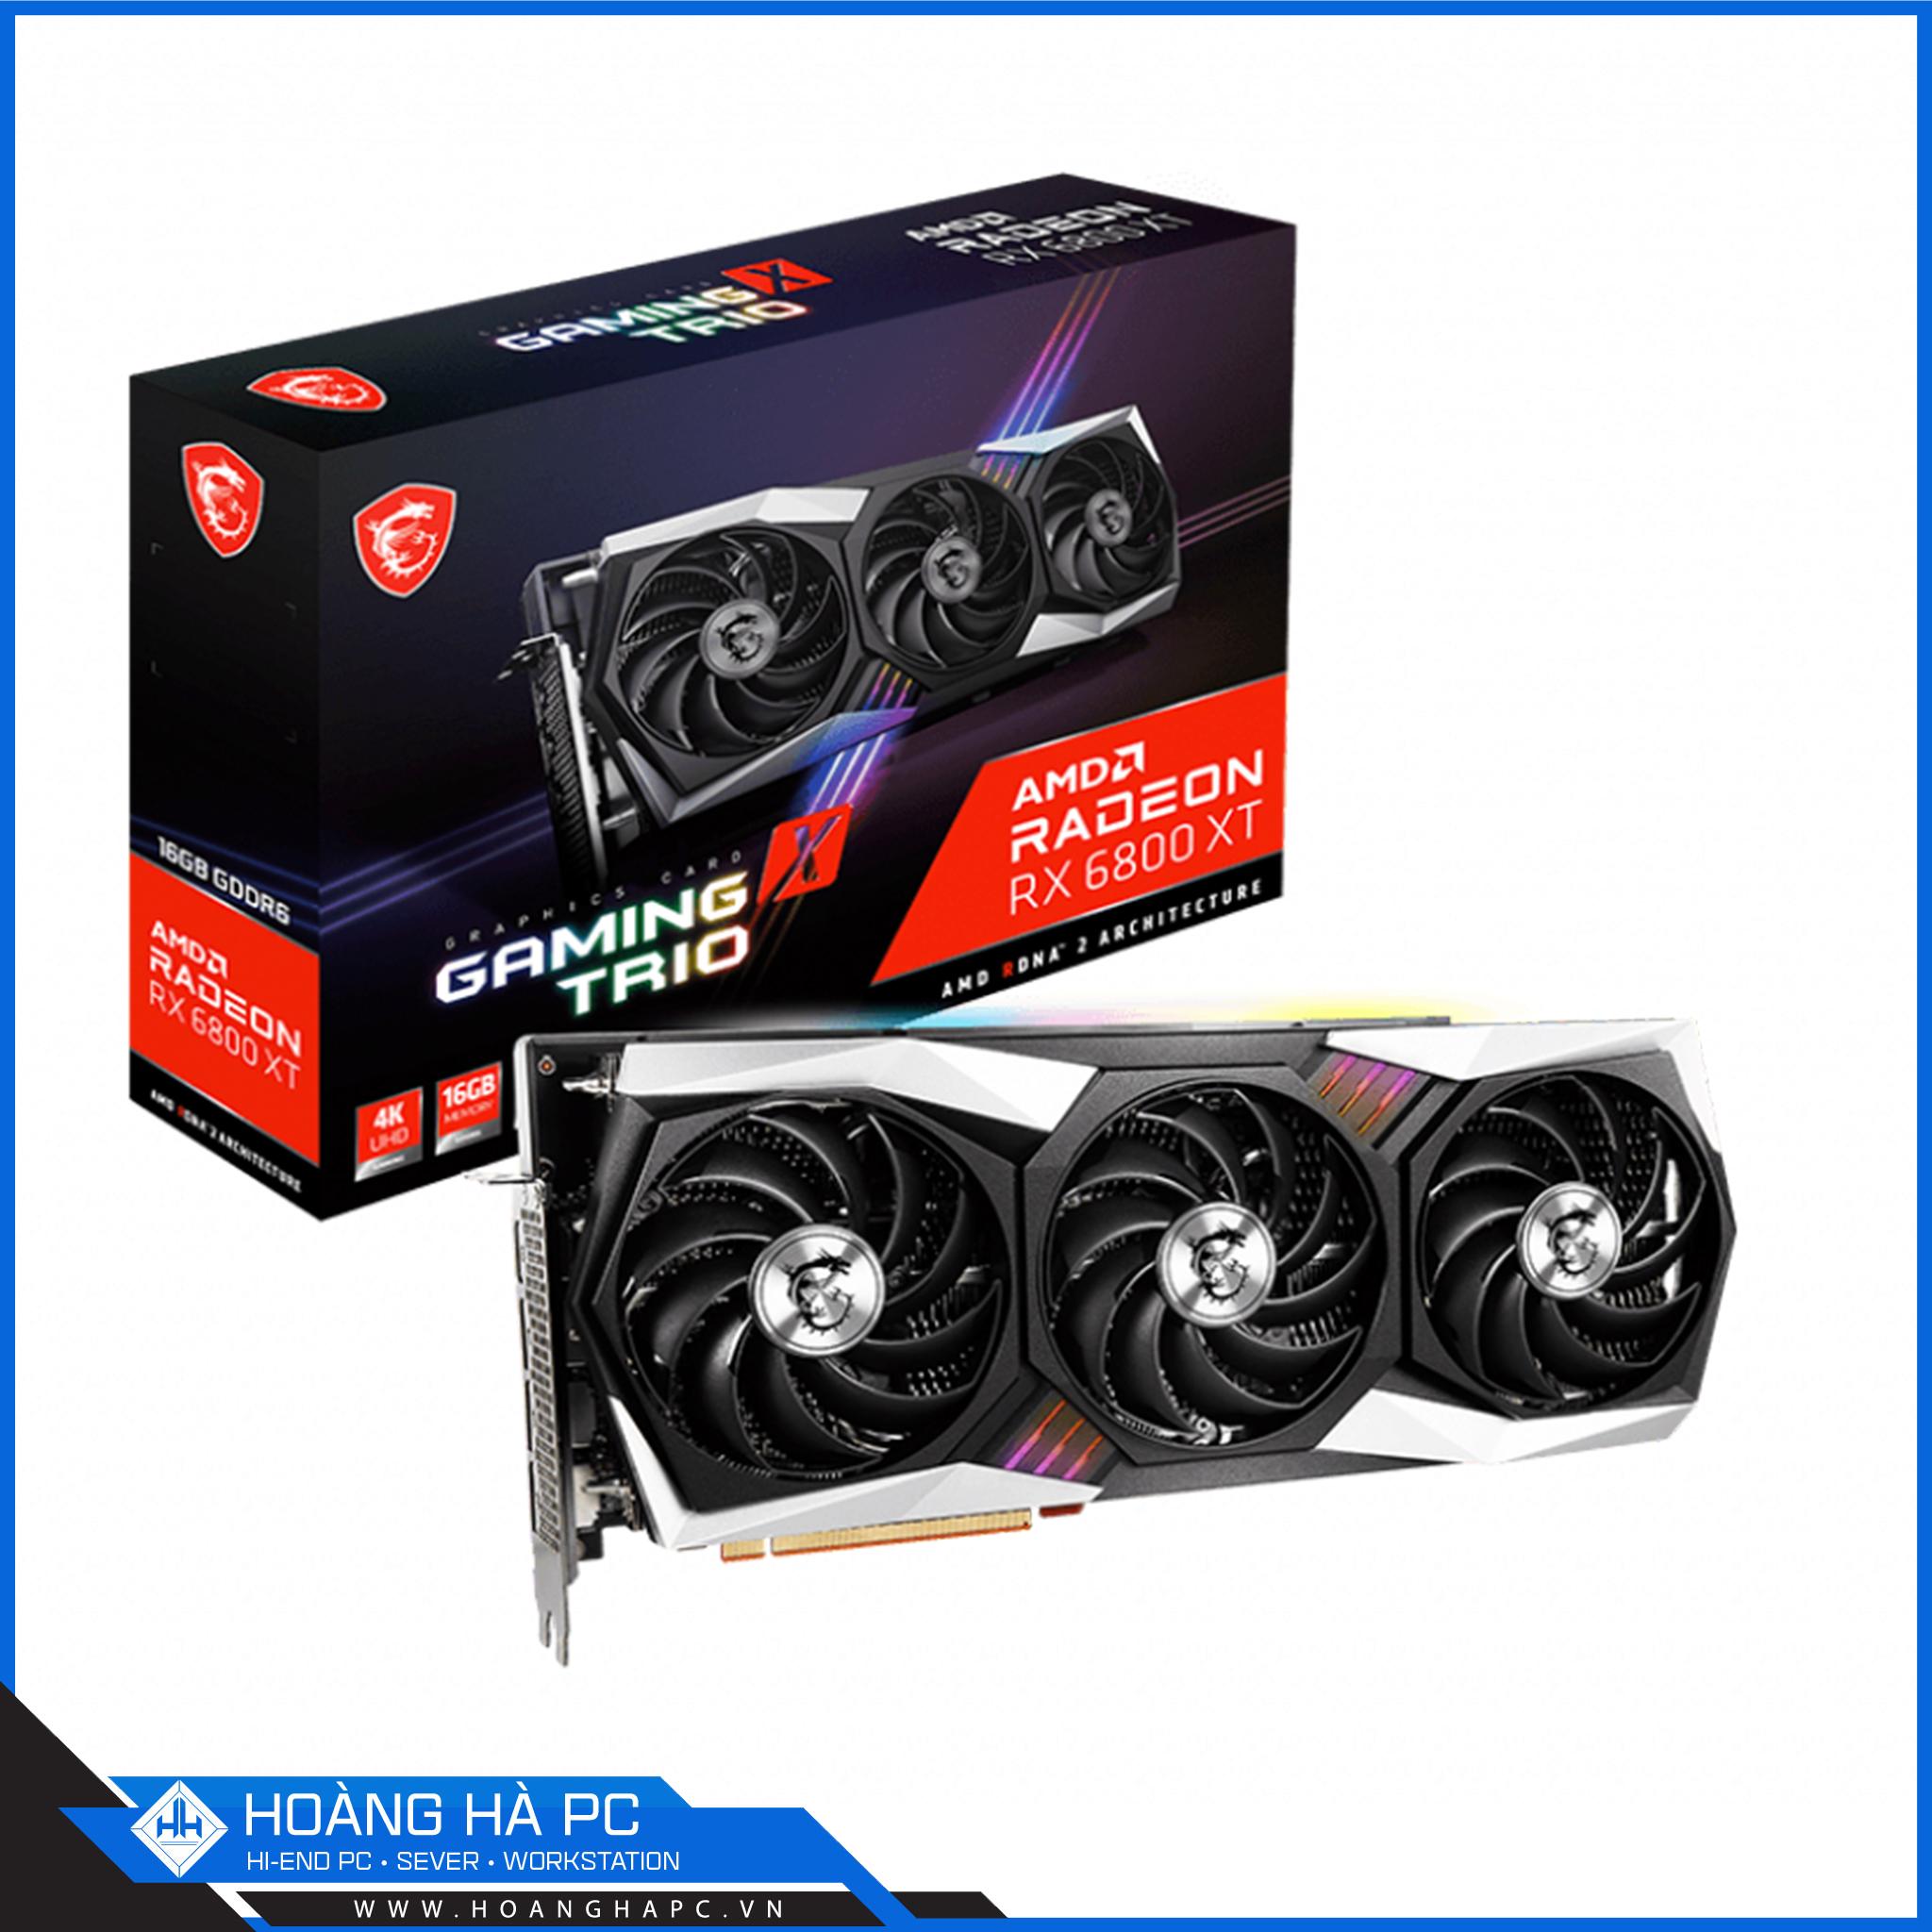 Một sản phẩm dòng Radeon của AMD